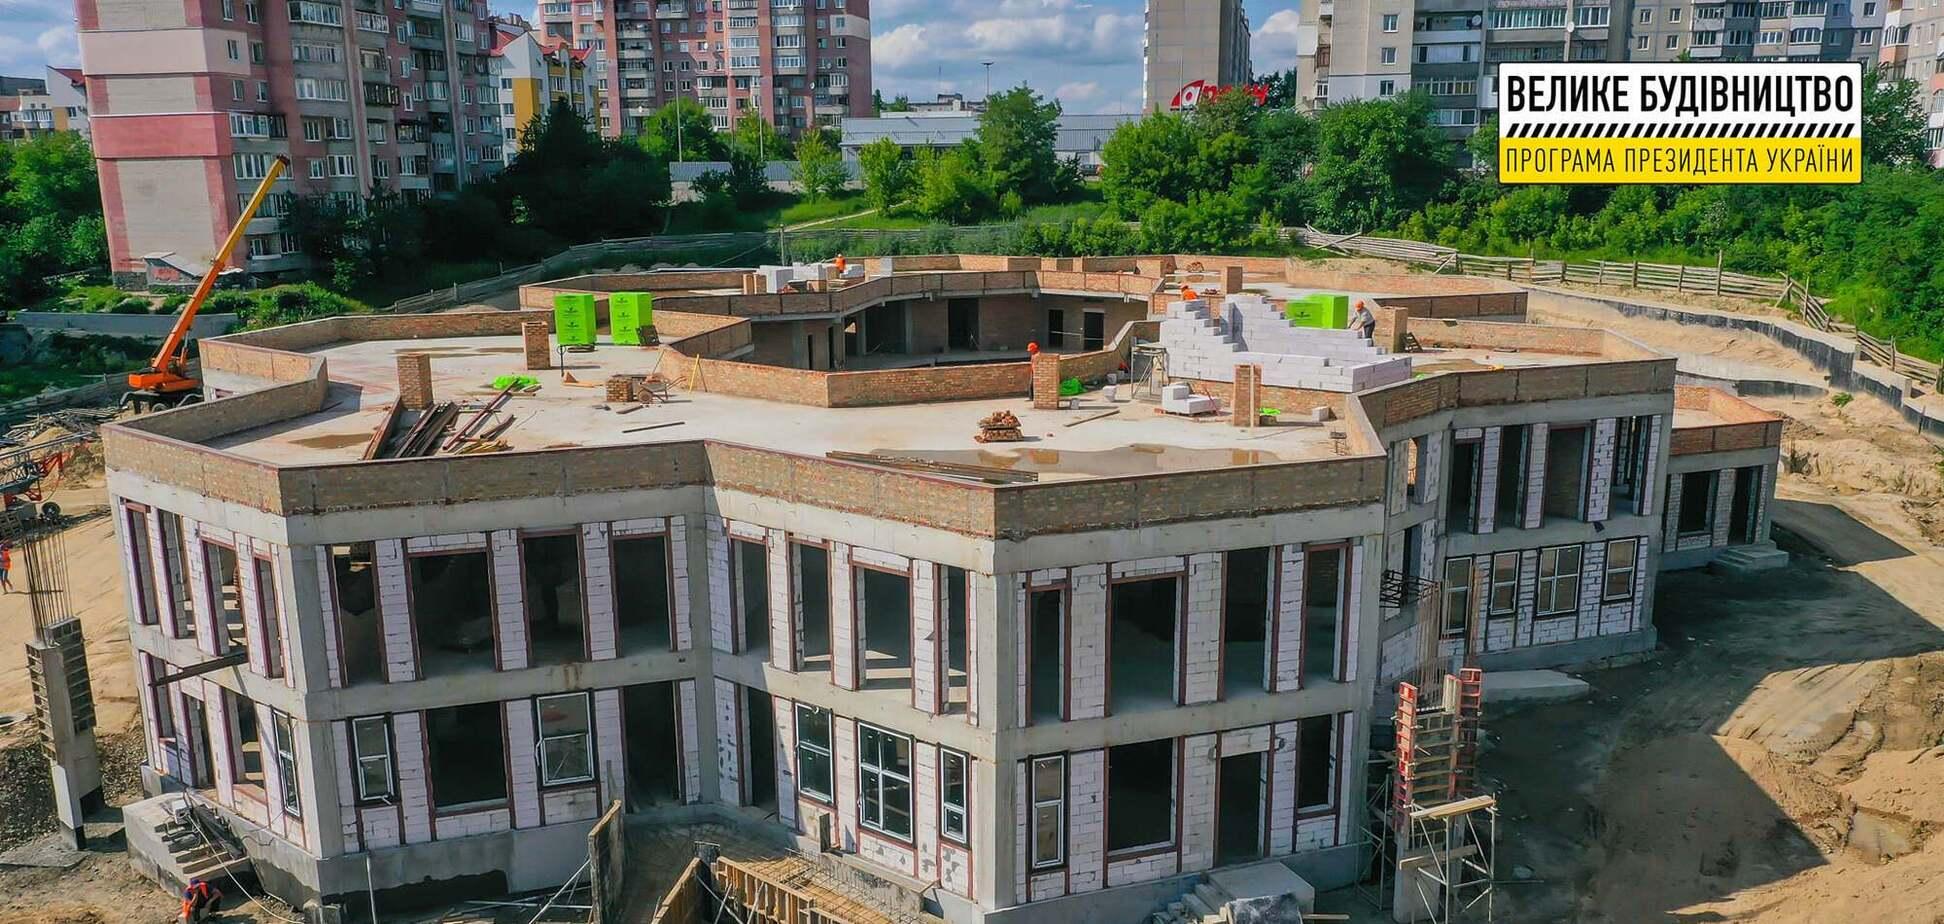 В сети показали фото 'Большой стройки' уникального садика в Ривне